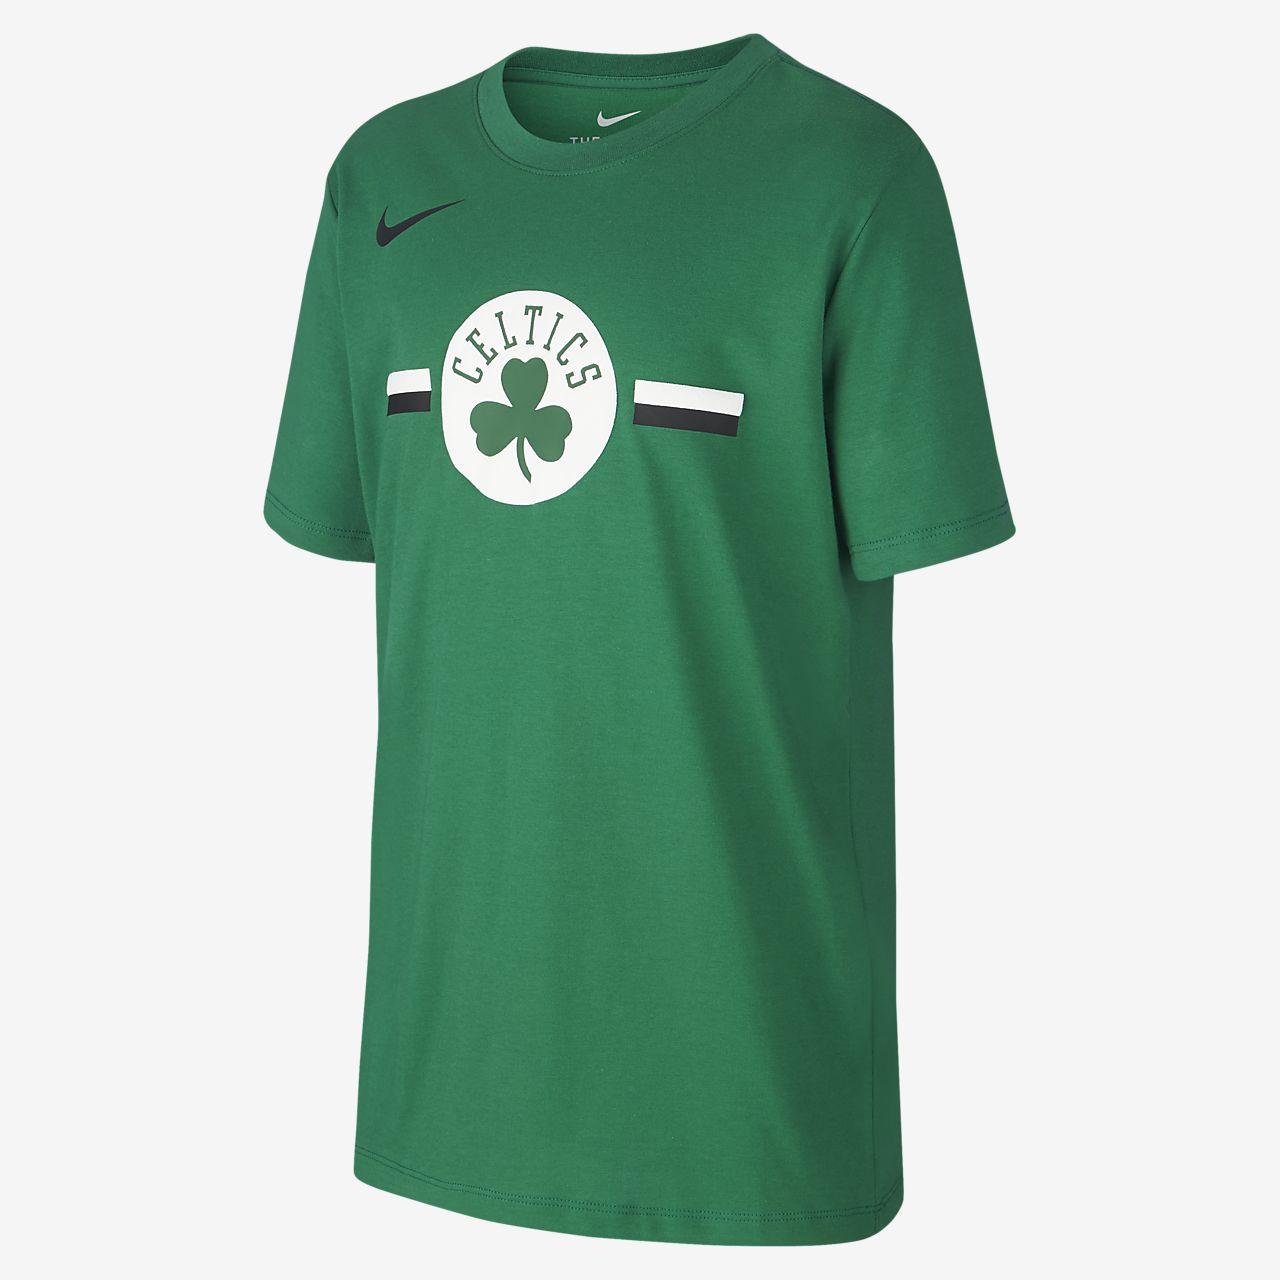 Boston Celtics Nike Dri-FIT Logo Camiseta de la NBA - Niño/a